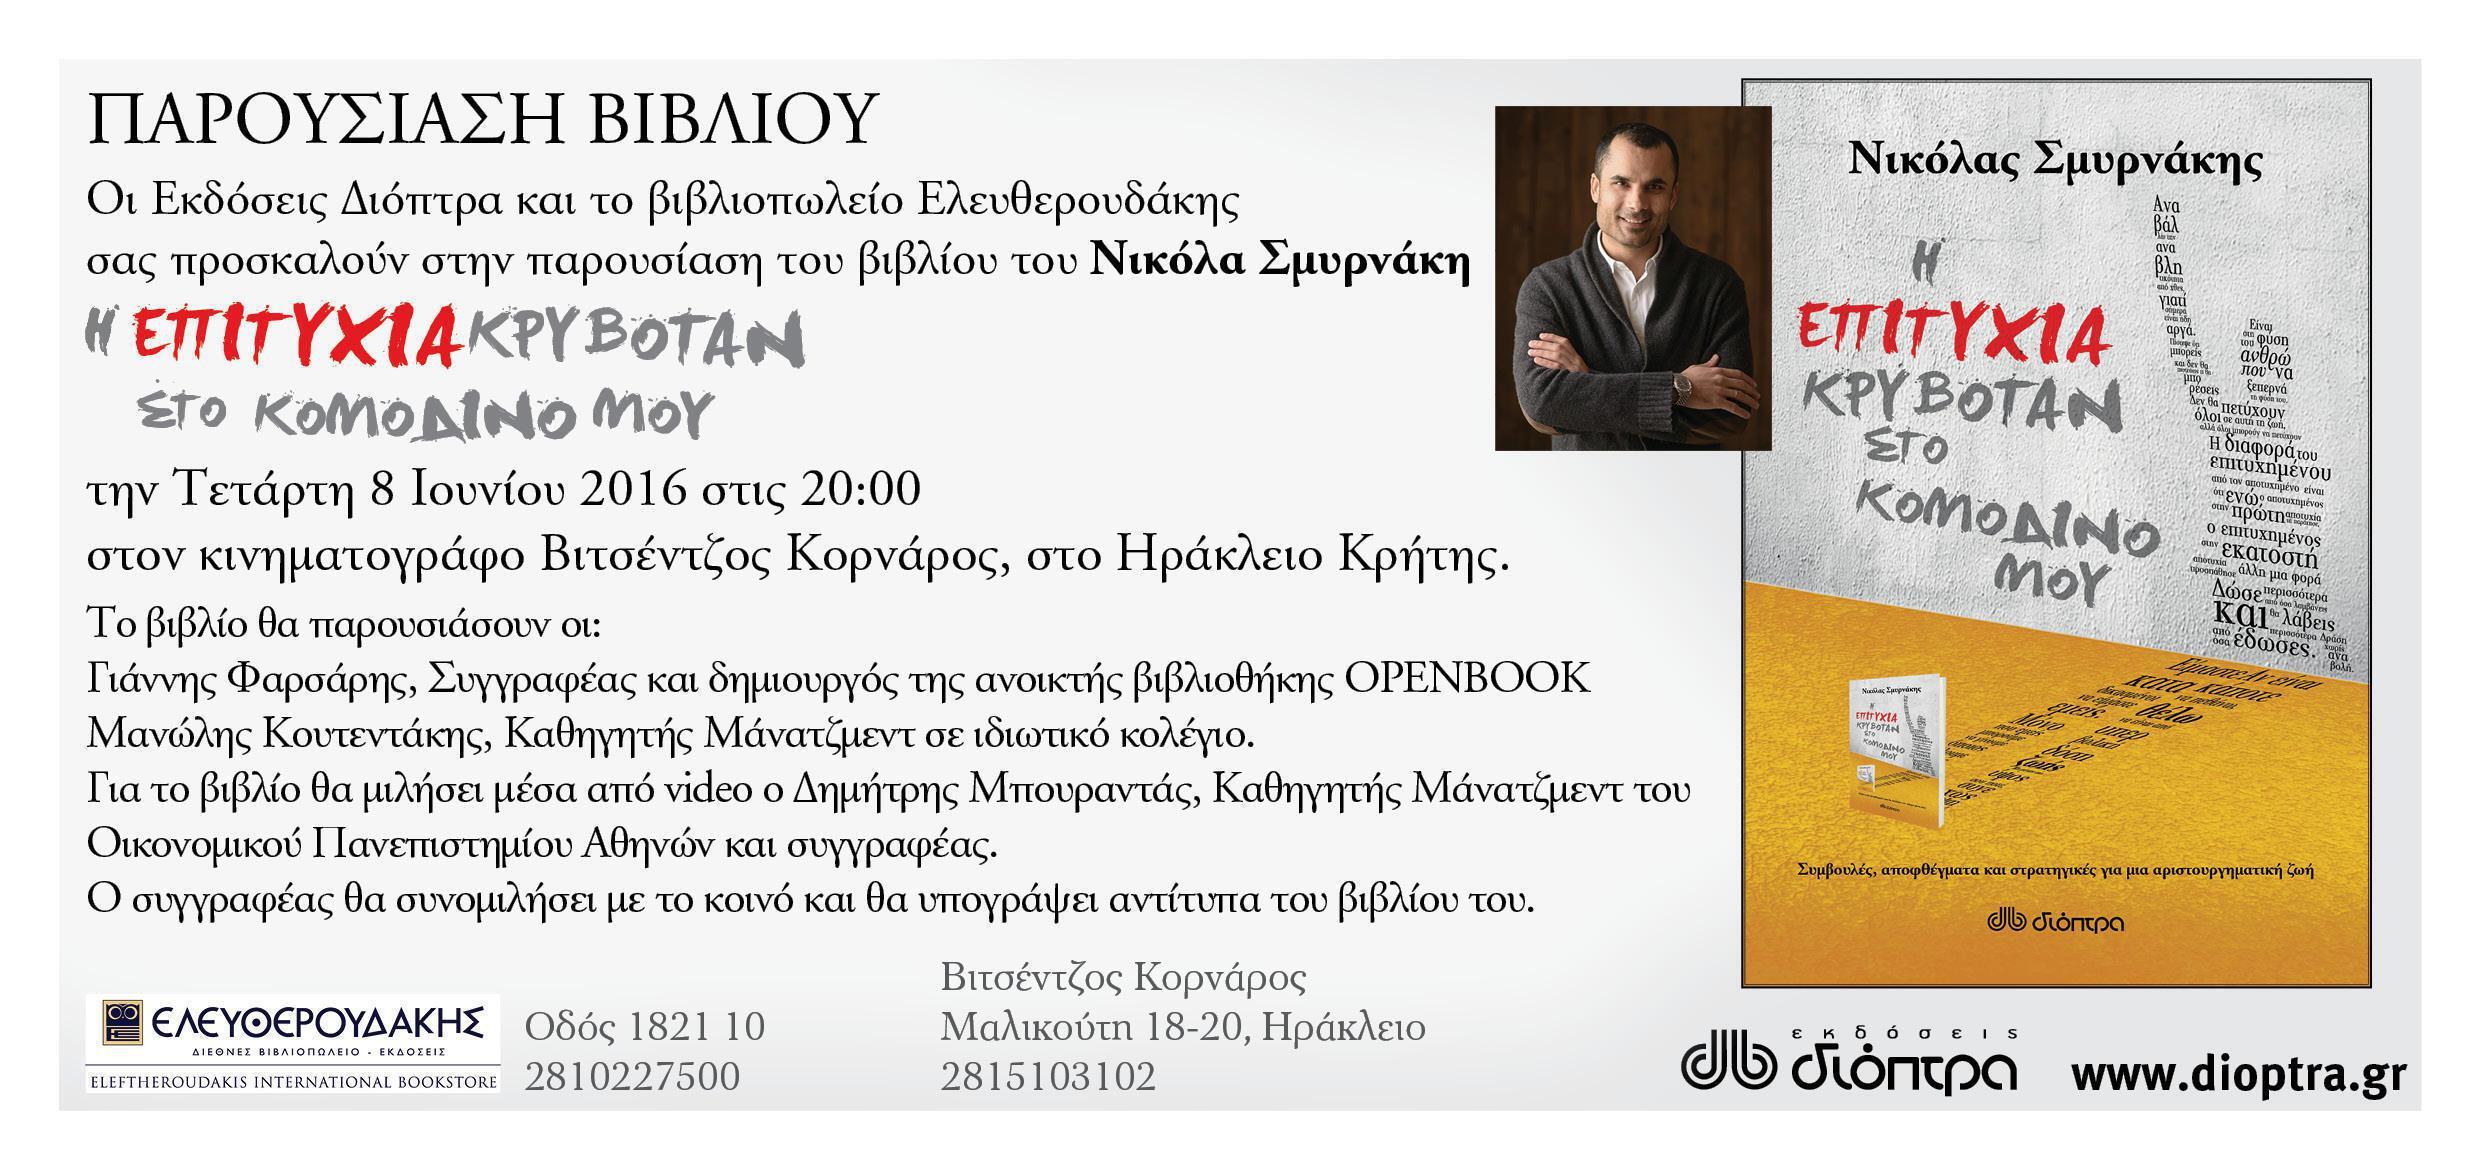 H EPITIXIA KRIVOTAN STO KOMODINO MOY INVITATION ELEFTHEROYDAKIS HRAKLEIO